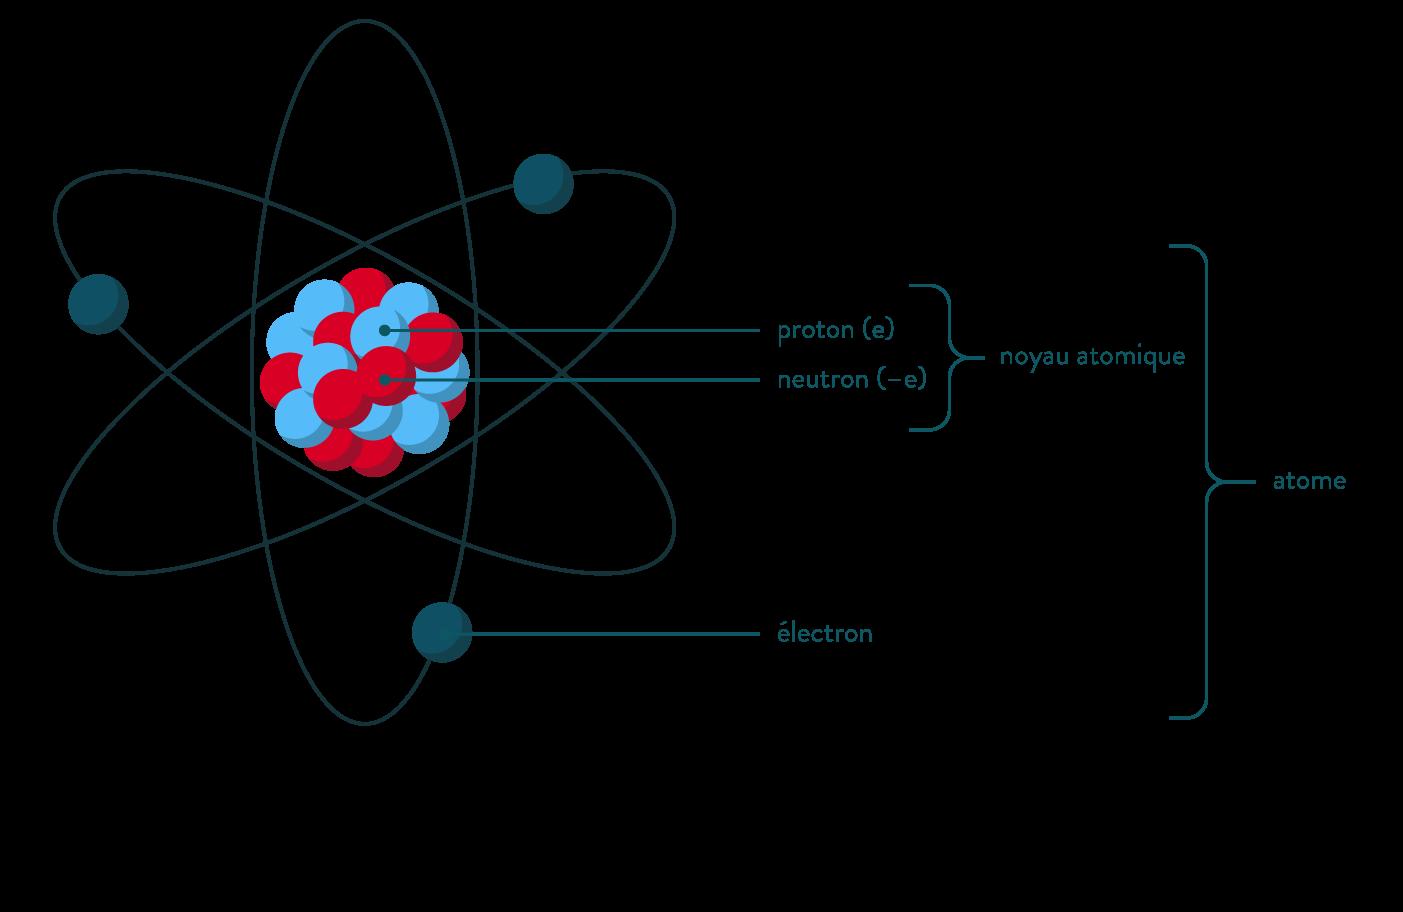 La composition de l'atome